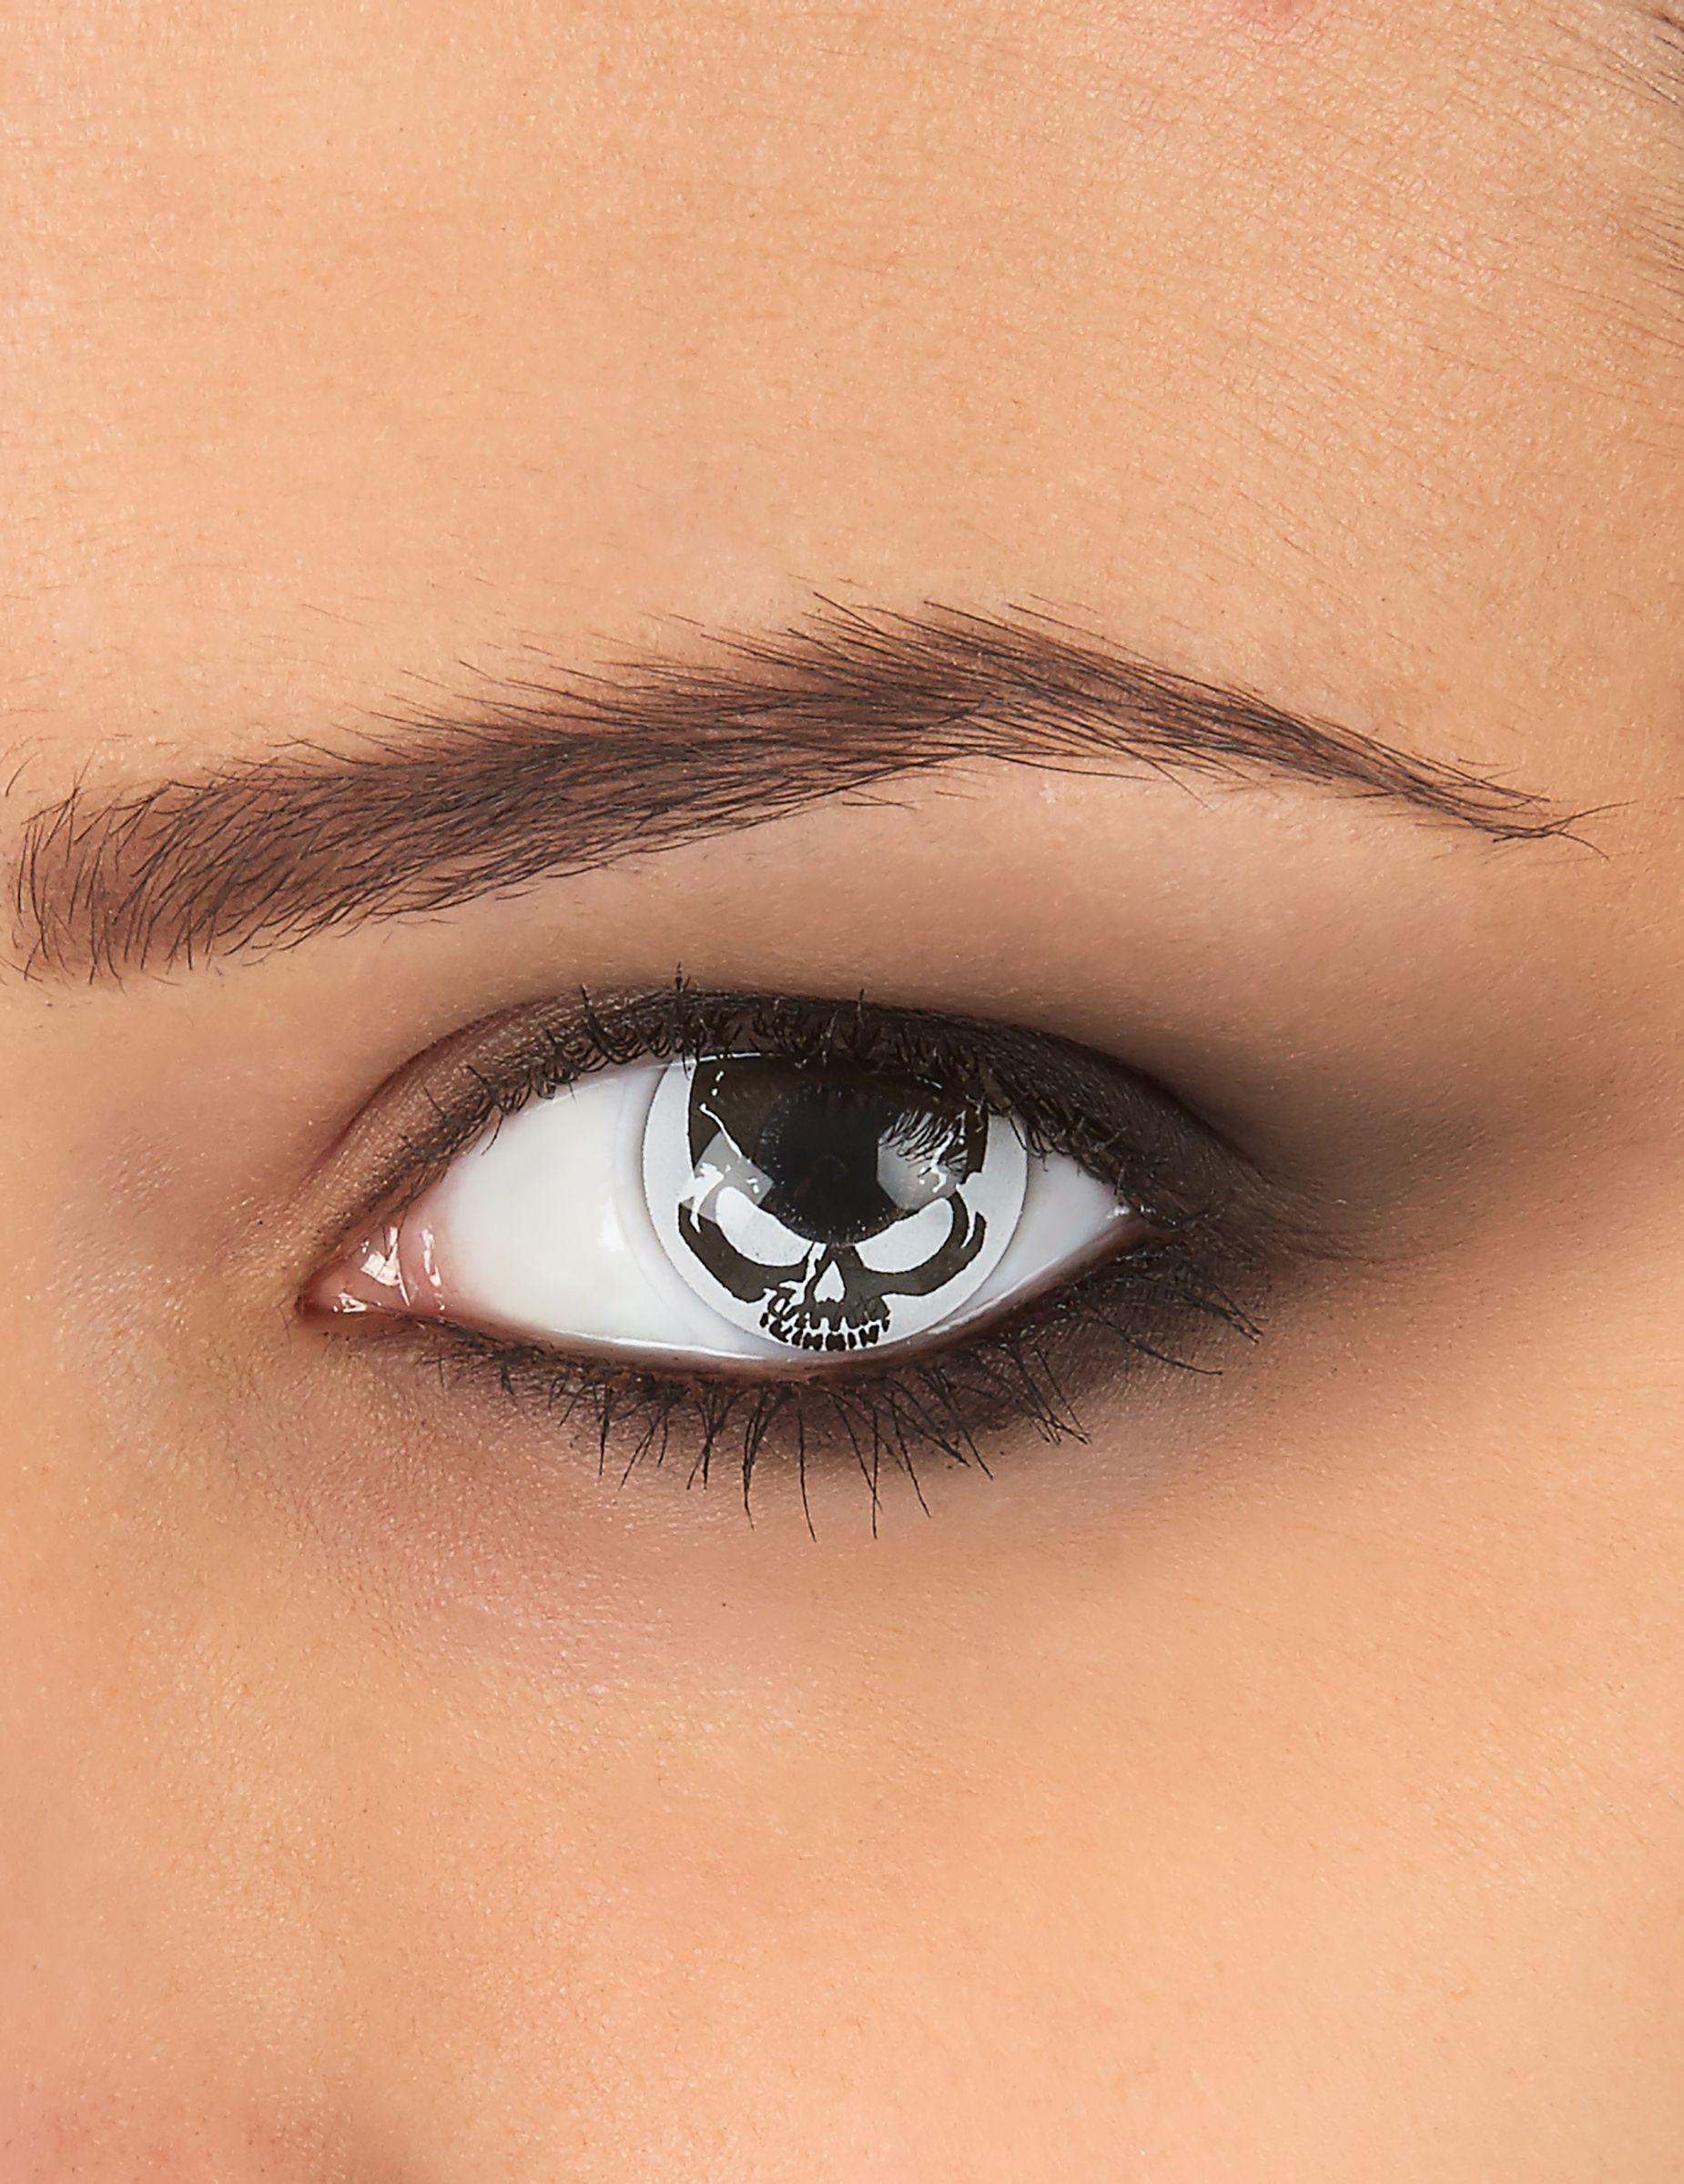 3762f941af Lentillas de contacto fantasía calavera adulto Halloween: Estas lentillas  fantasía son para adultos.Se adaptan fácilmente al iris del ojo y están  decoradas ...